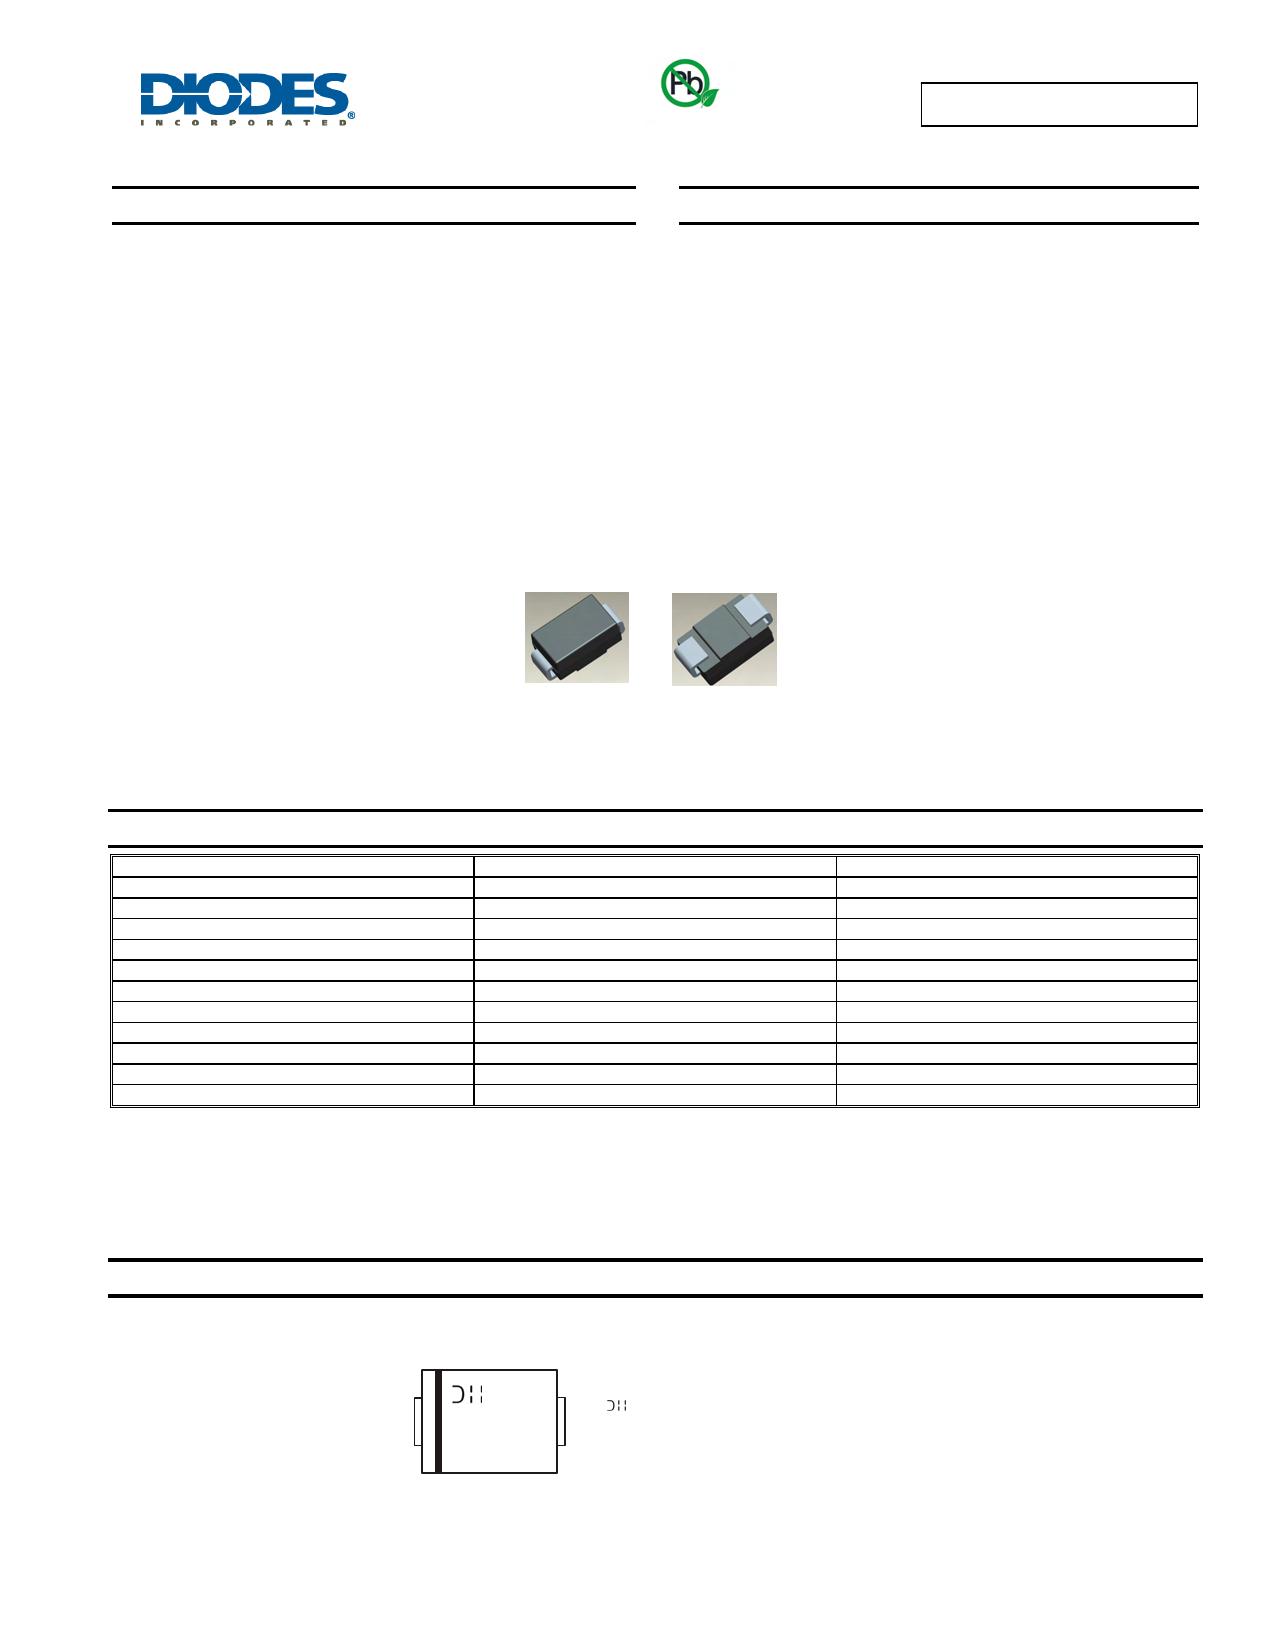 TB1500M datasheet pinout pdf